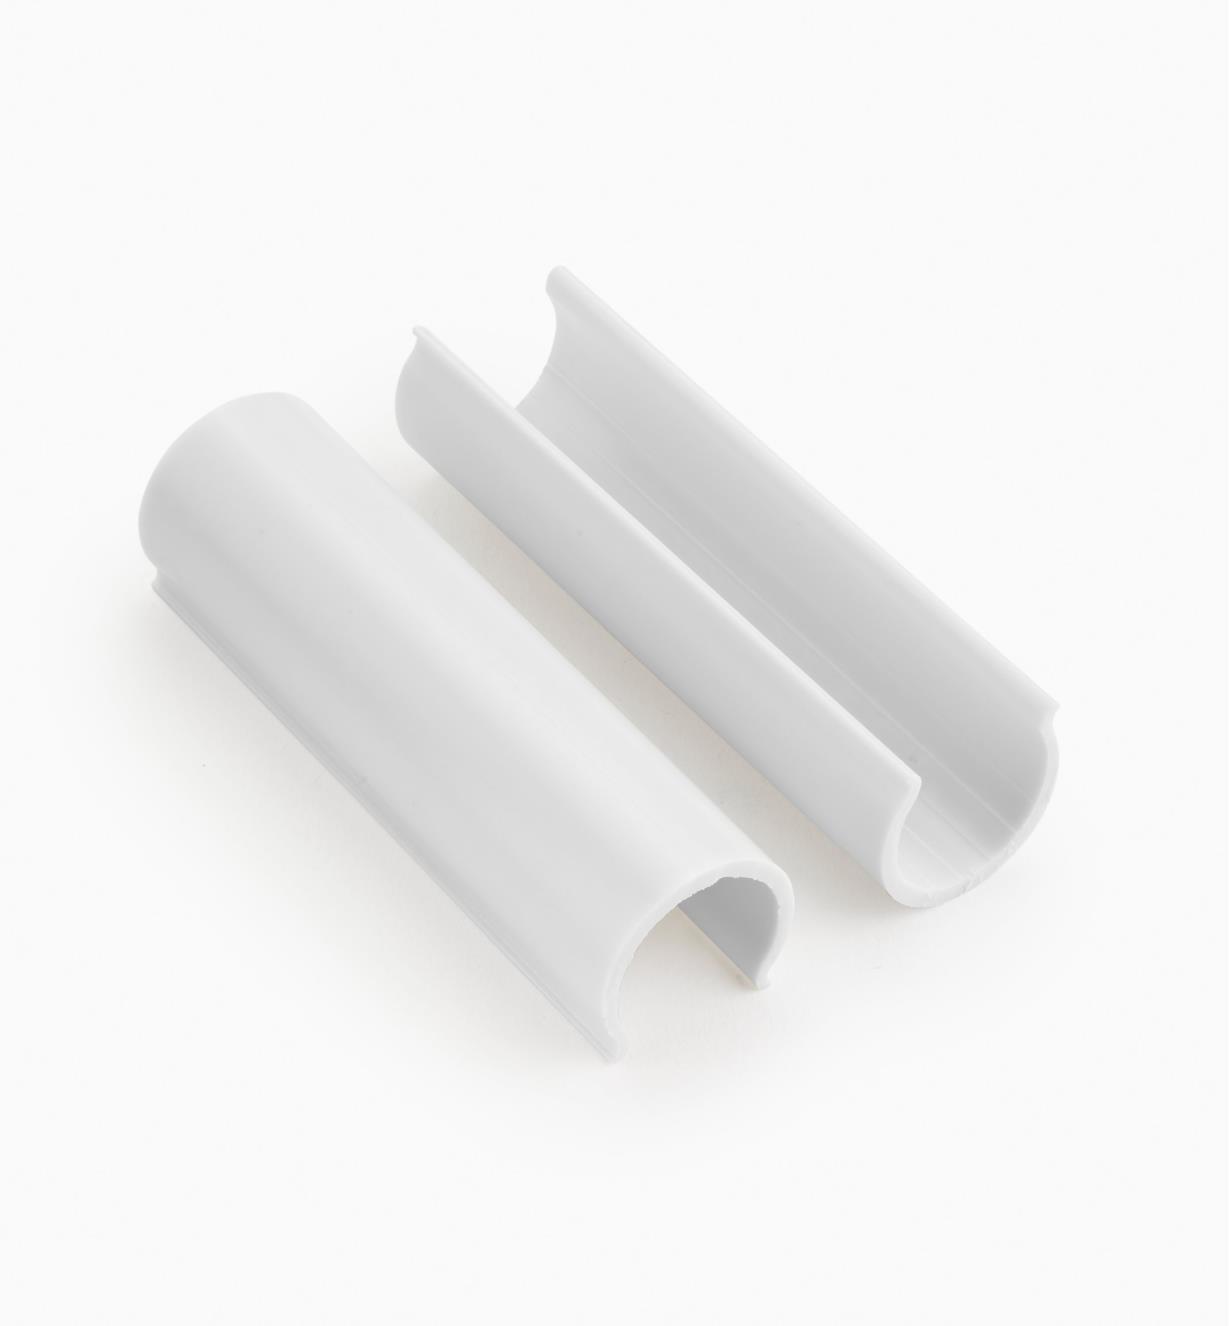 EA282 - Manchons en PVC, 1 po, pqt de 10